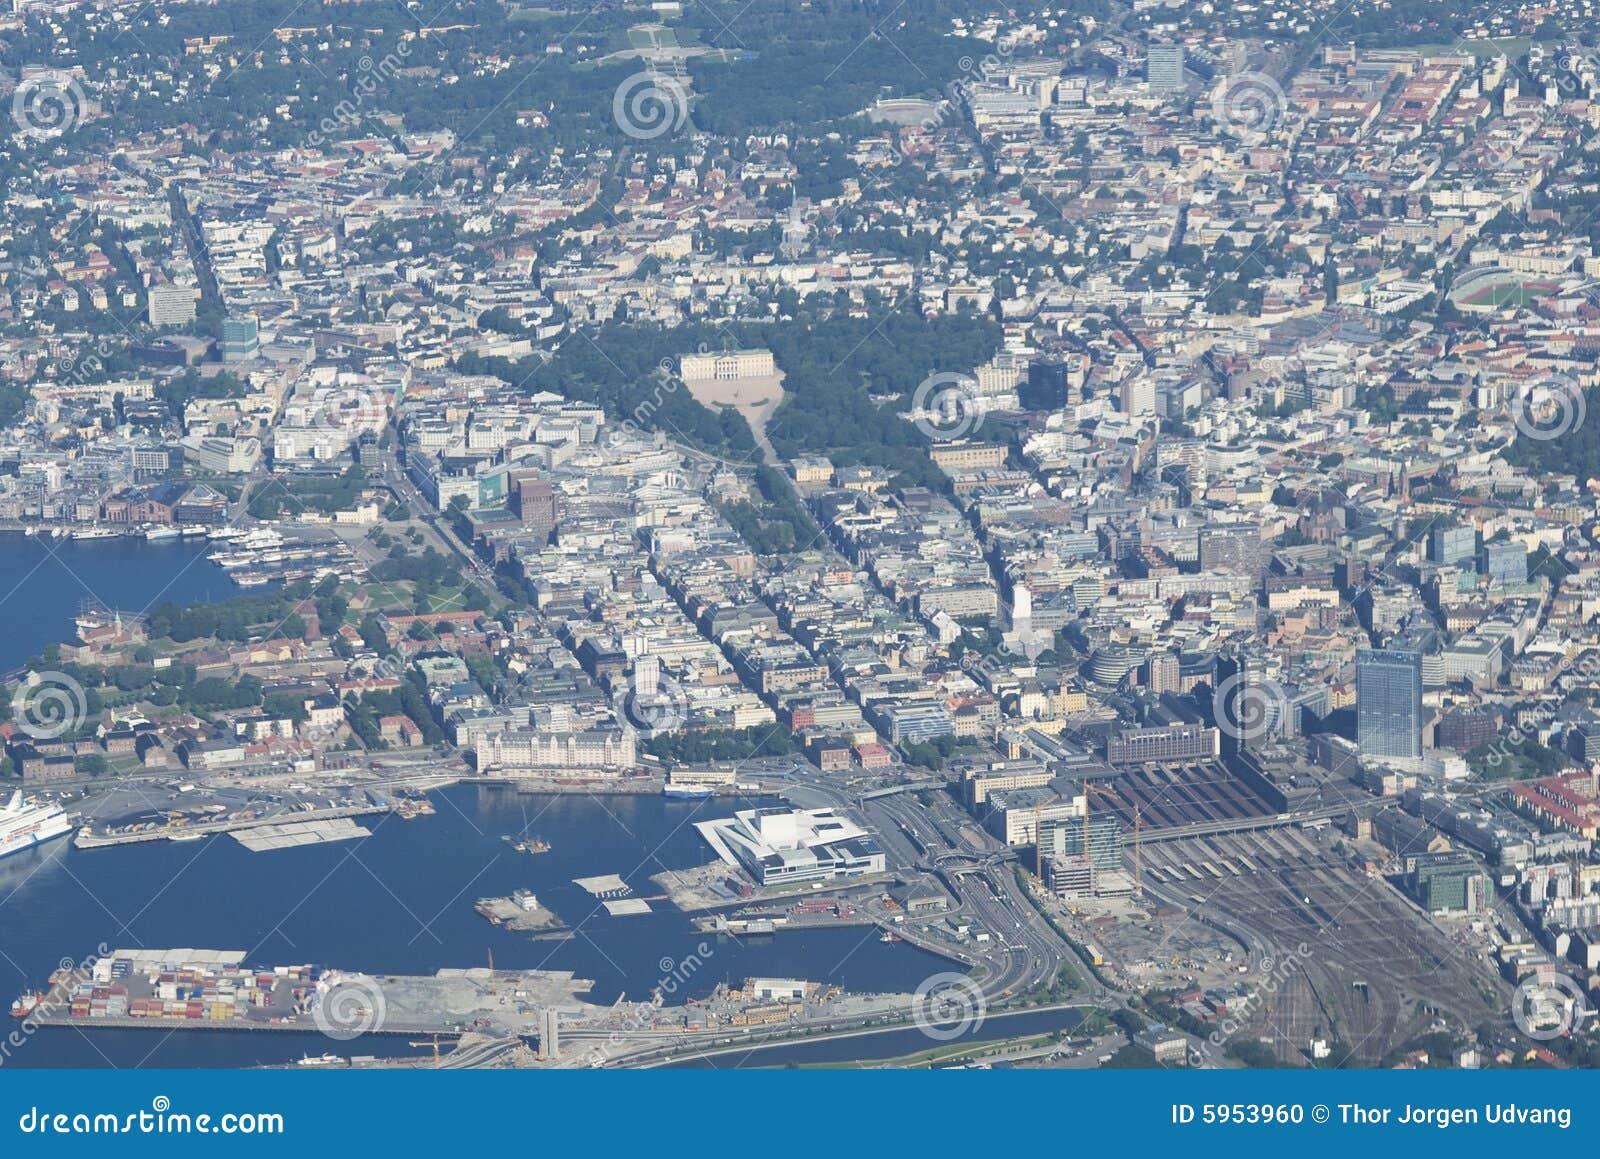 Luftaufnahme von Oslo, Norwegen